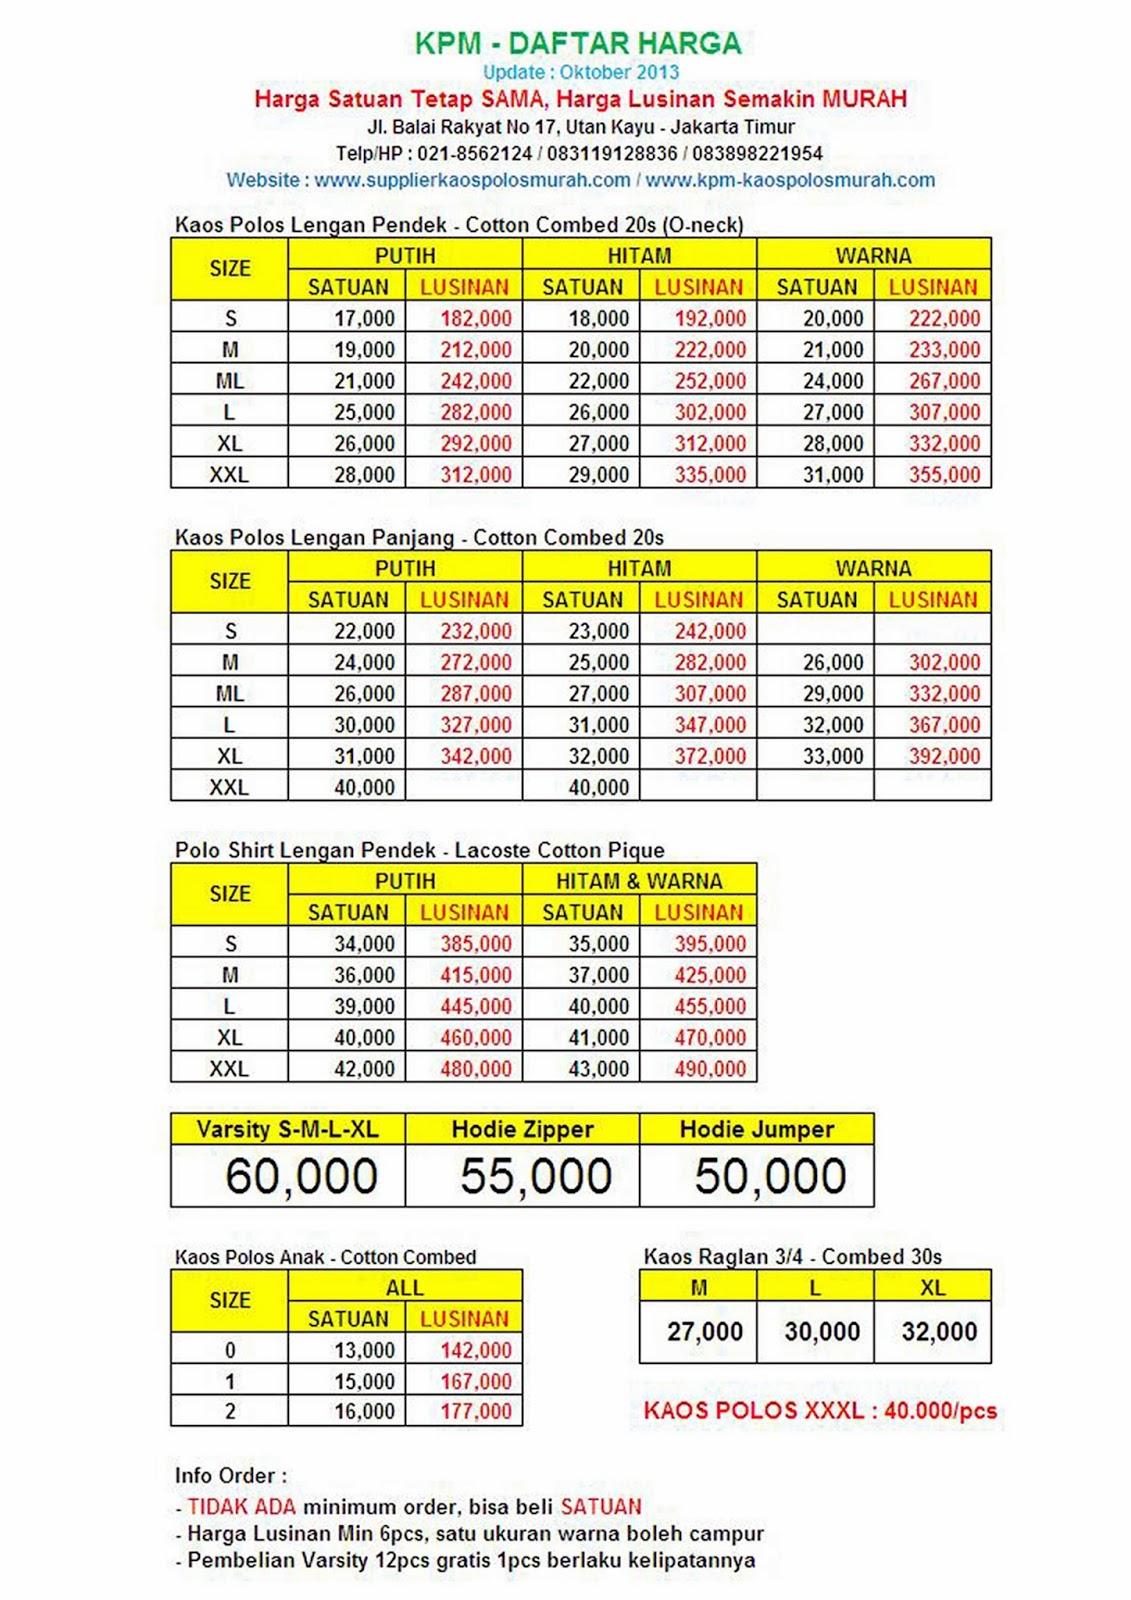 Kpm Supplier Kaos Polos Murah Grosir Combed Dan Jasa Size Xl Lengan Panjang Cotton 20s Tetap Yang Termurah Daftar Harga Baru 1 April 2014 Tc Sweater Jaket Baseball